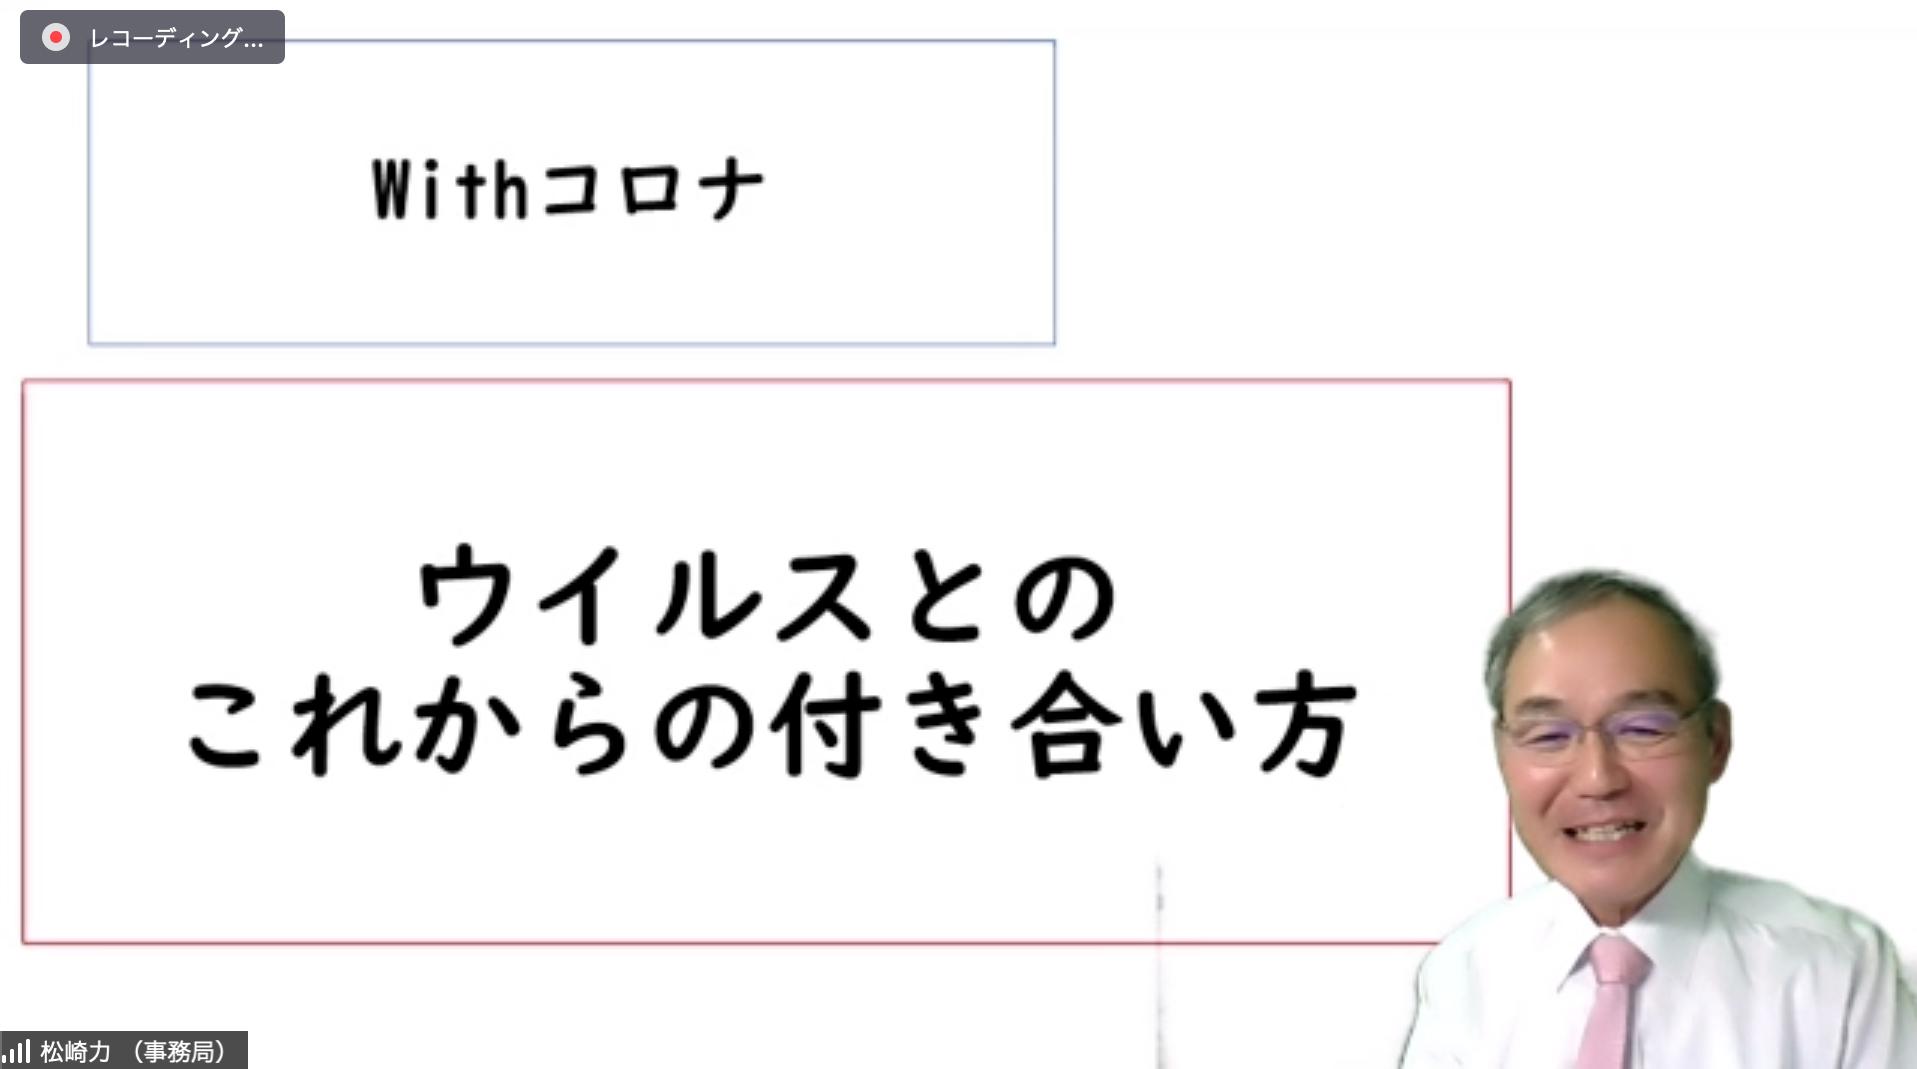 【報告】松崎力オンラインセミナーを開催_e0252129_11291127.png